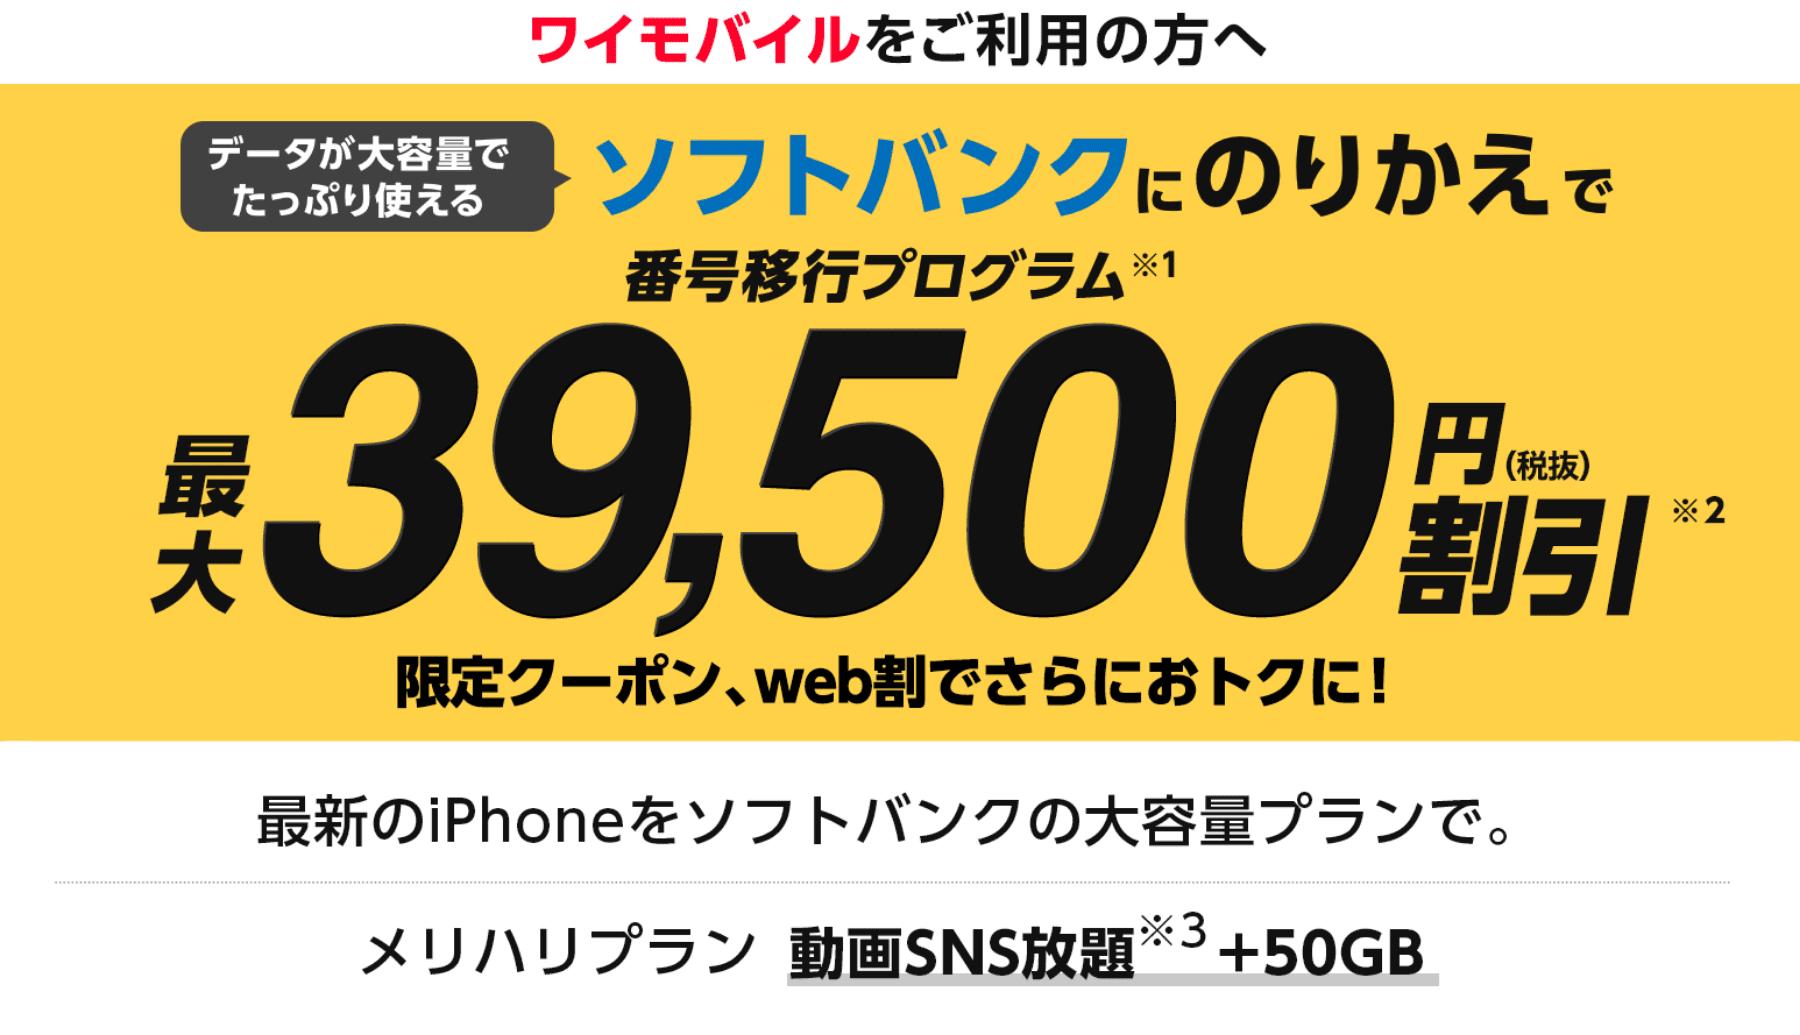 ワイモバイルをご利用の方へ データが大容量でたっぷり使えるソフトバンクにのりかえで番号移行プログラム(※1)最大39,500円(税抜)割引(※2)限定クーポン、web割でさらにおトクに! 最新のiPhoneをソフトバンクの大容量プランで。メリハリプラン動画SNS放題(※3)と50GB